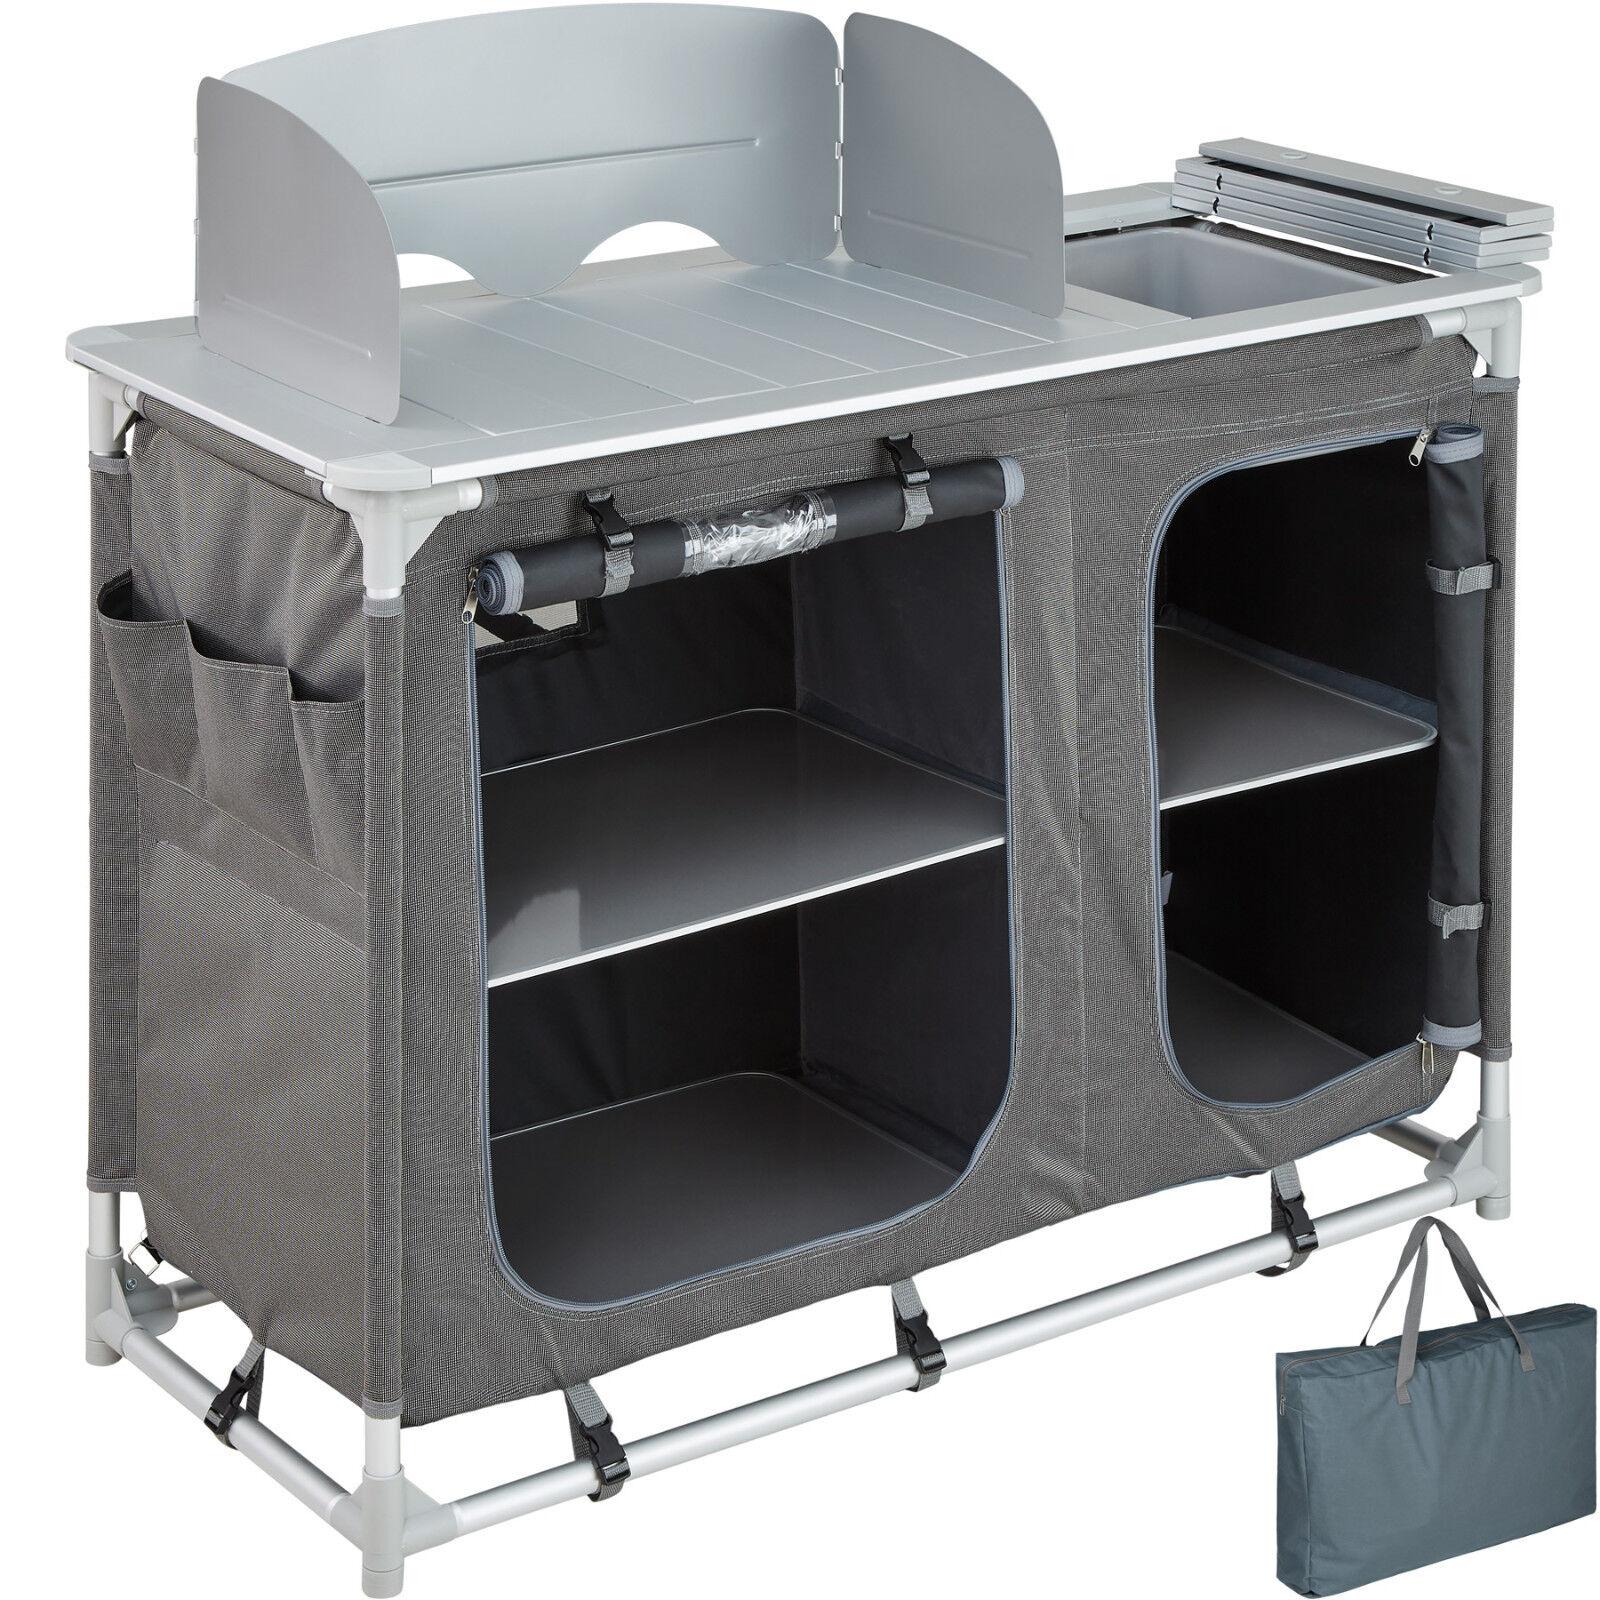 Unidad de almacenamiento de Aluminio Soporte De Cocina Camping Bolsa Portátil Cocina Parabrisas